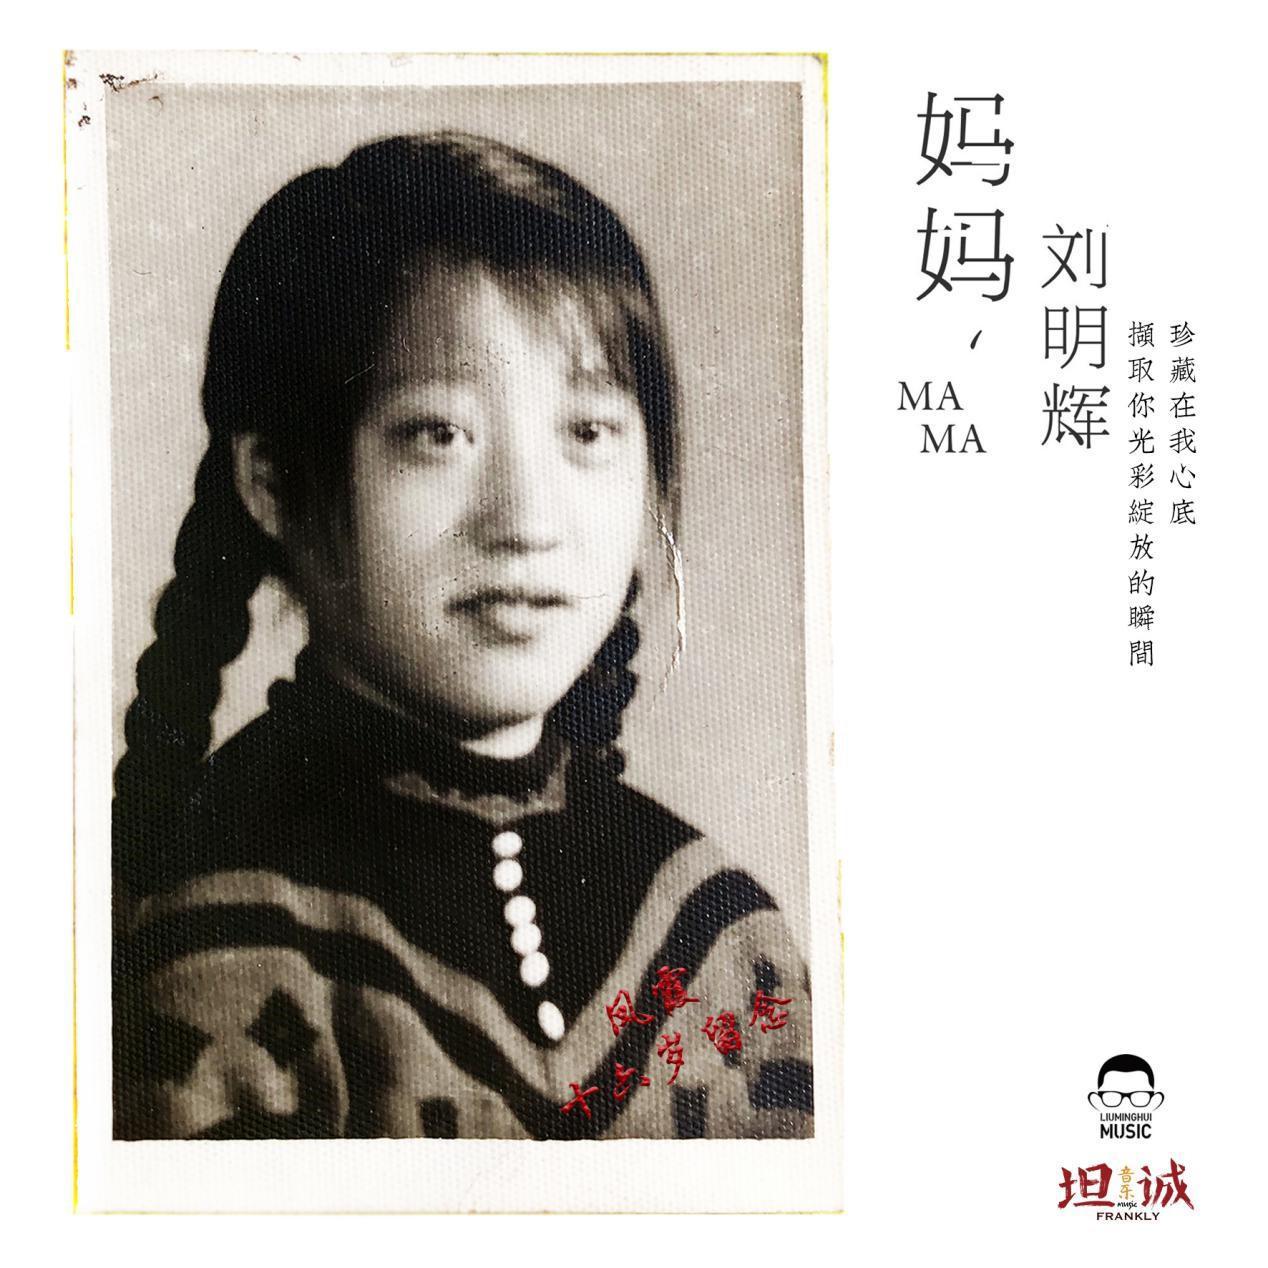 刘明辉全新创作单曲《妈妈》母亲节暖心首发